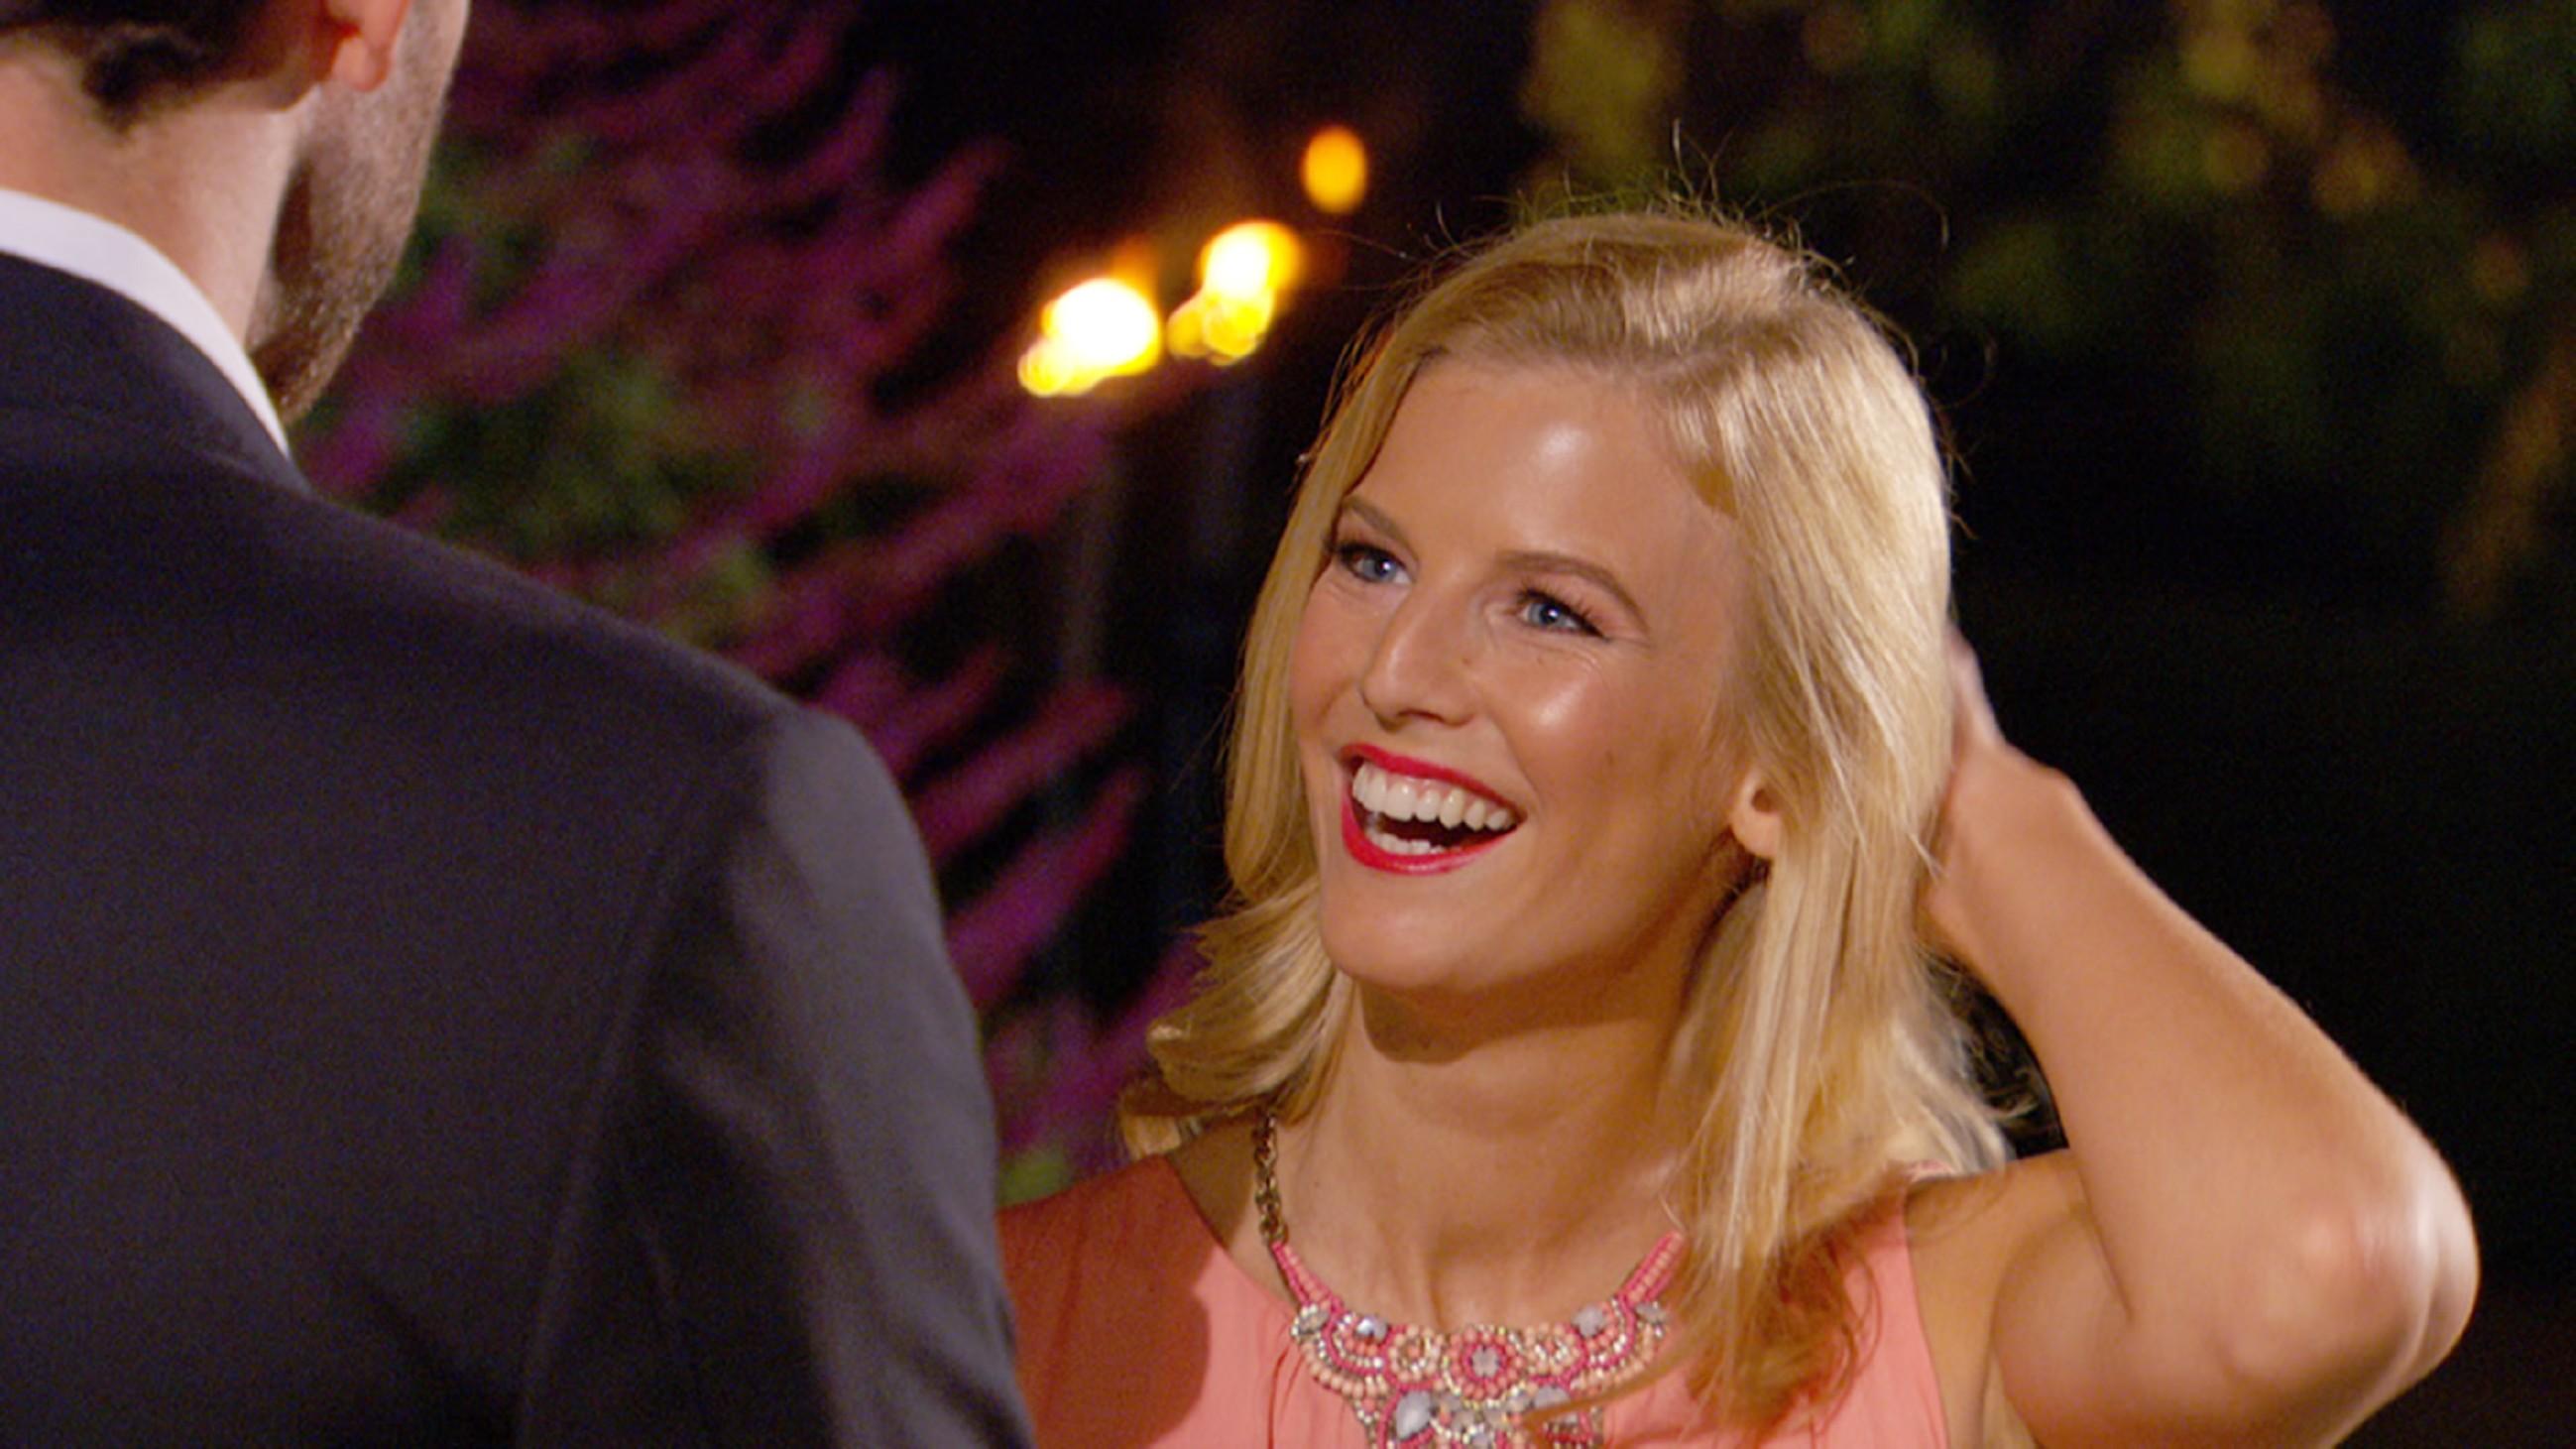 Der Bachelor 2015 - Folge 1 - Nicola